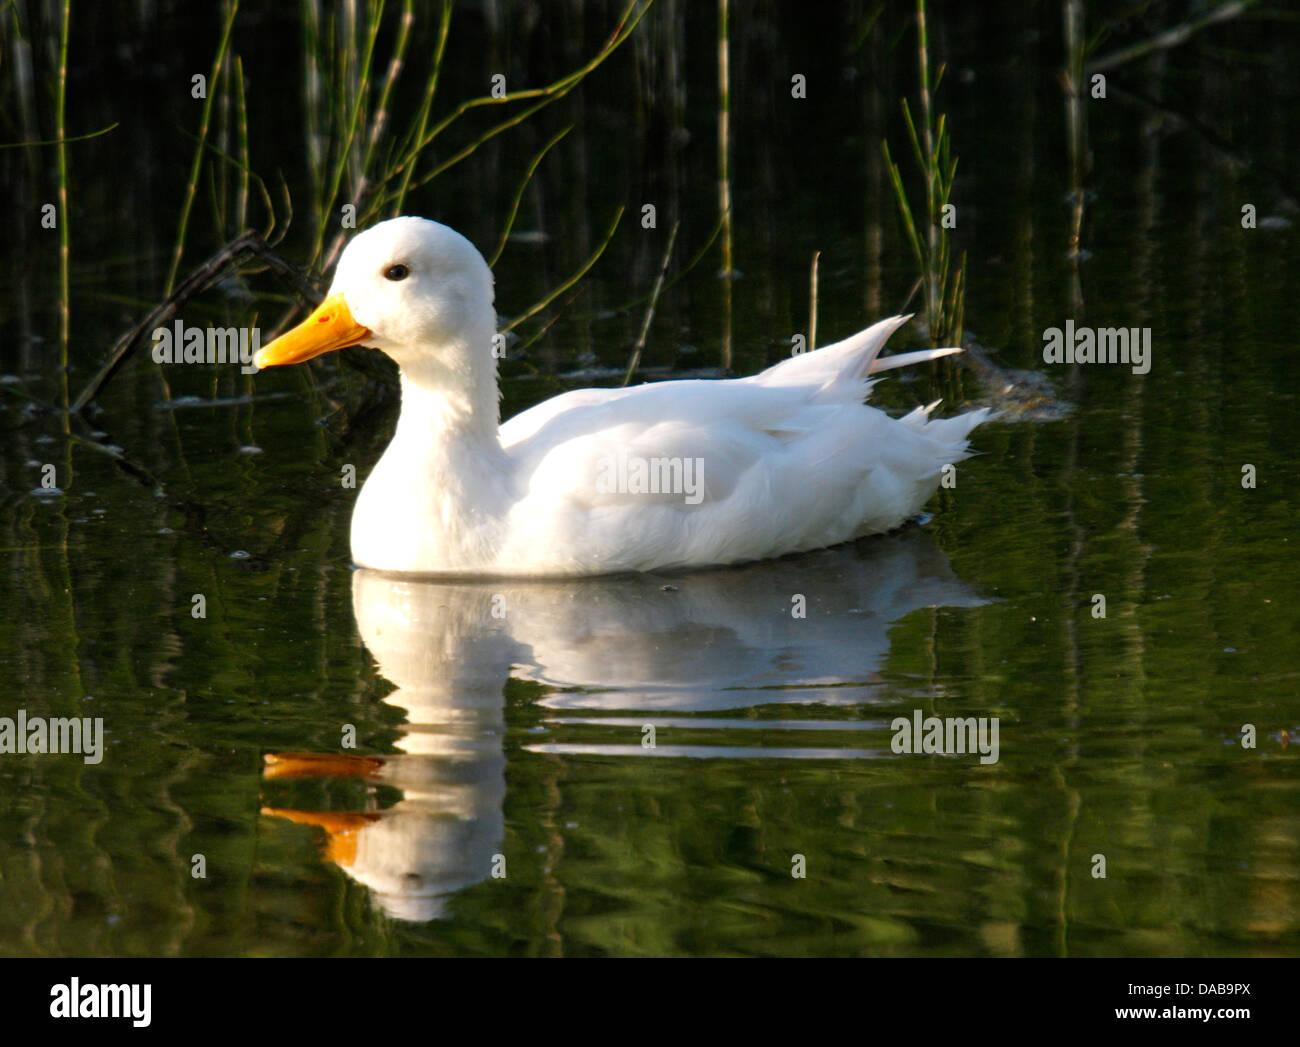 White duck, UK 2013 - Stock Image